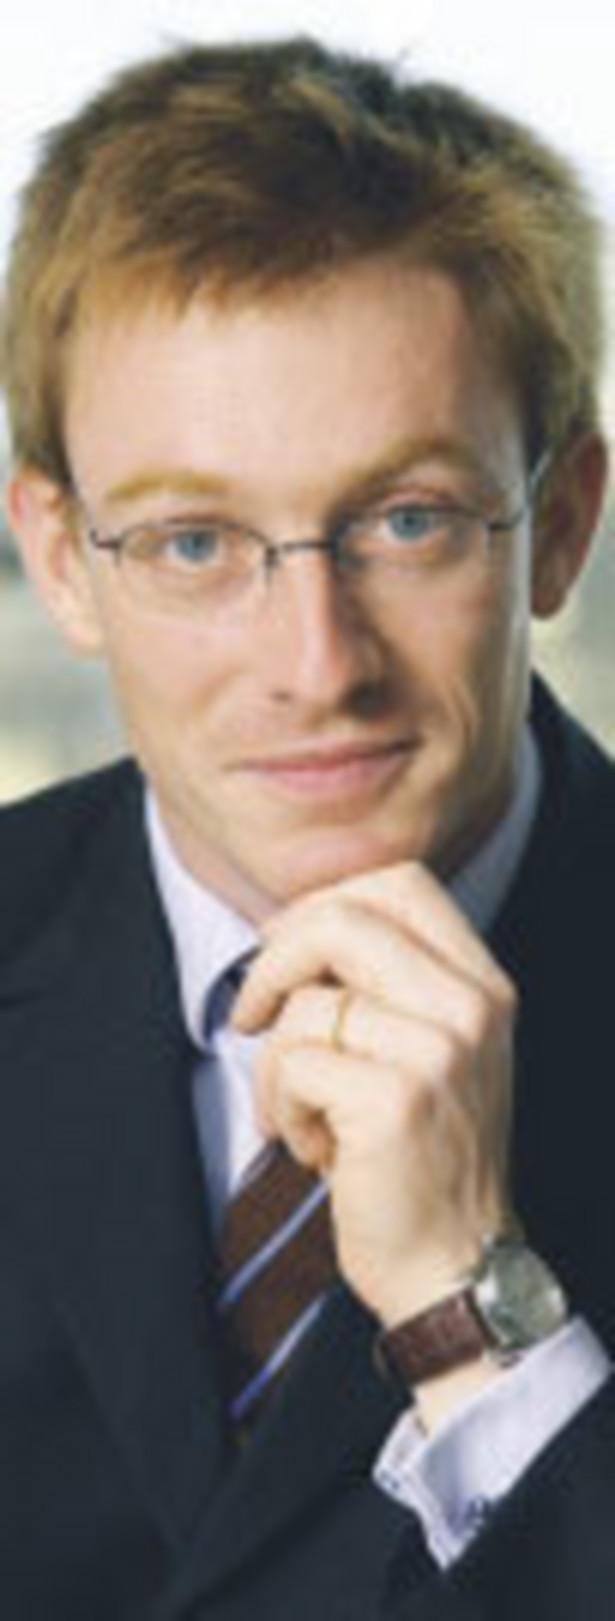 Julien Hollier, adwokat z Kancelarii Prawnej GLN